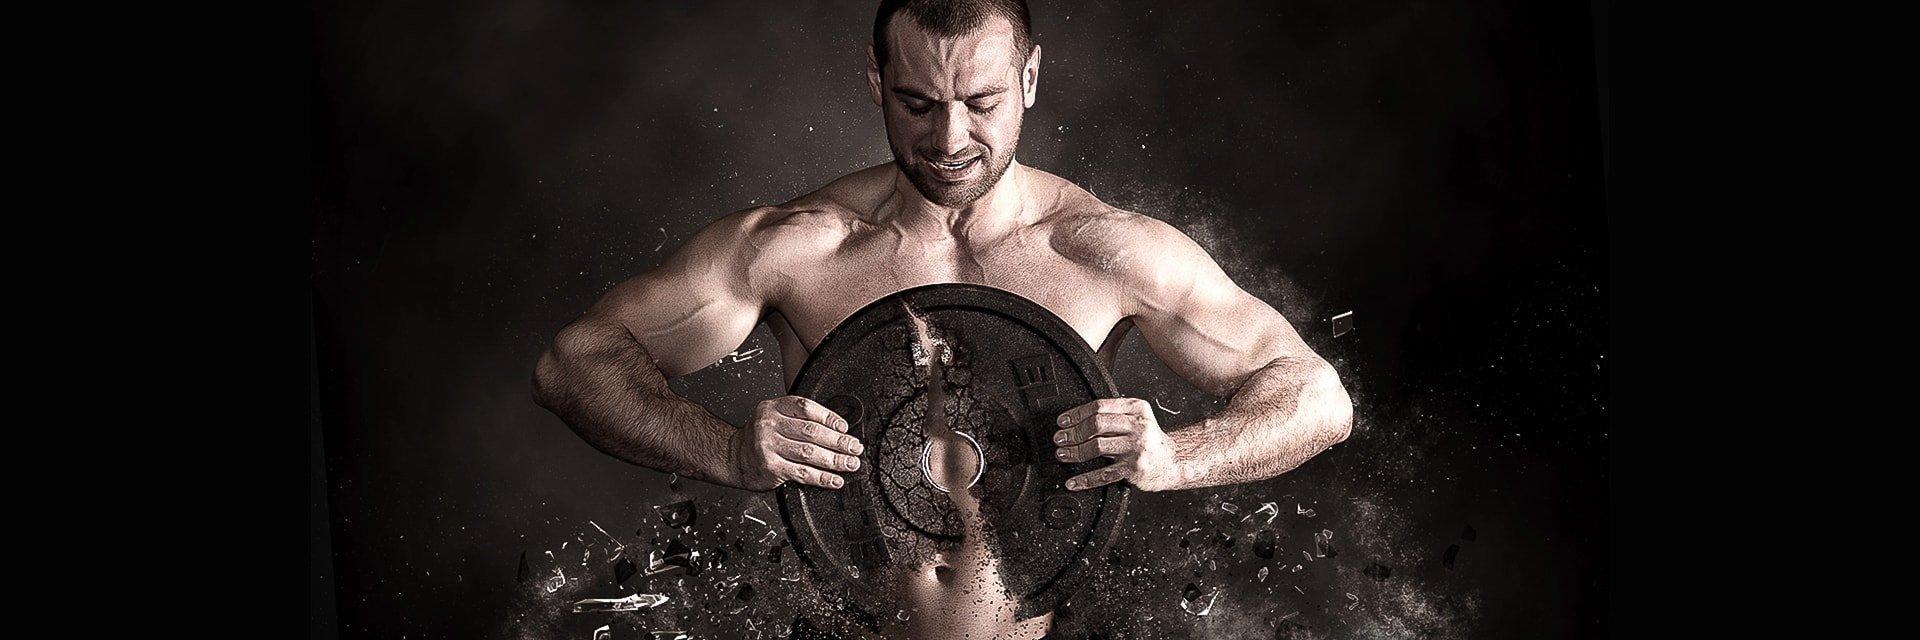 Gym4u - Фитнес нового поколения